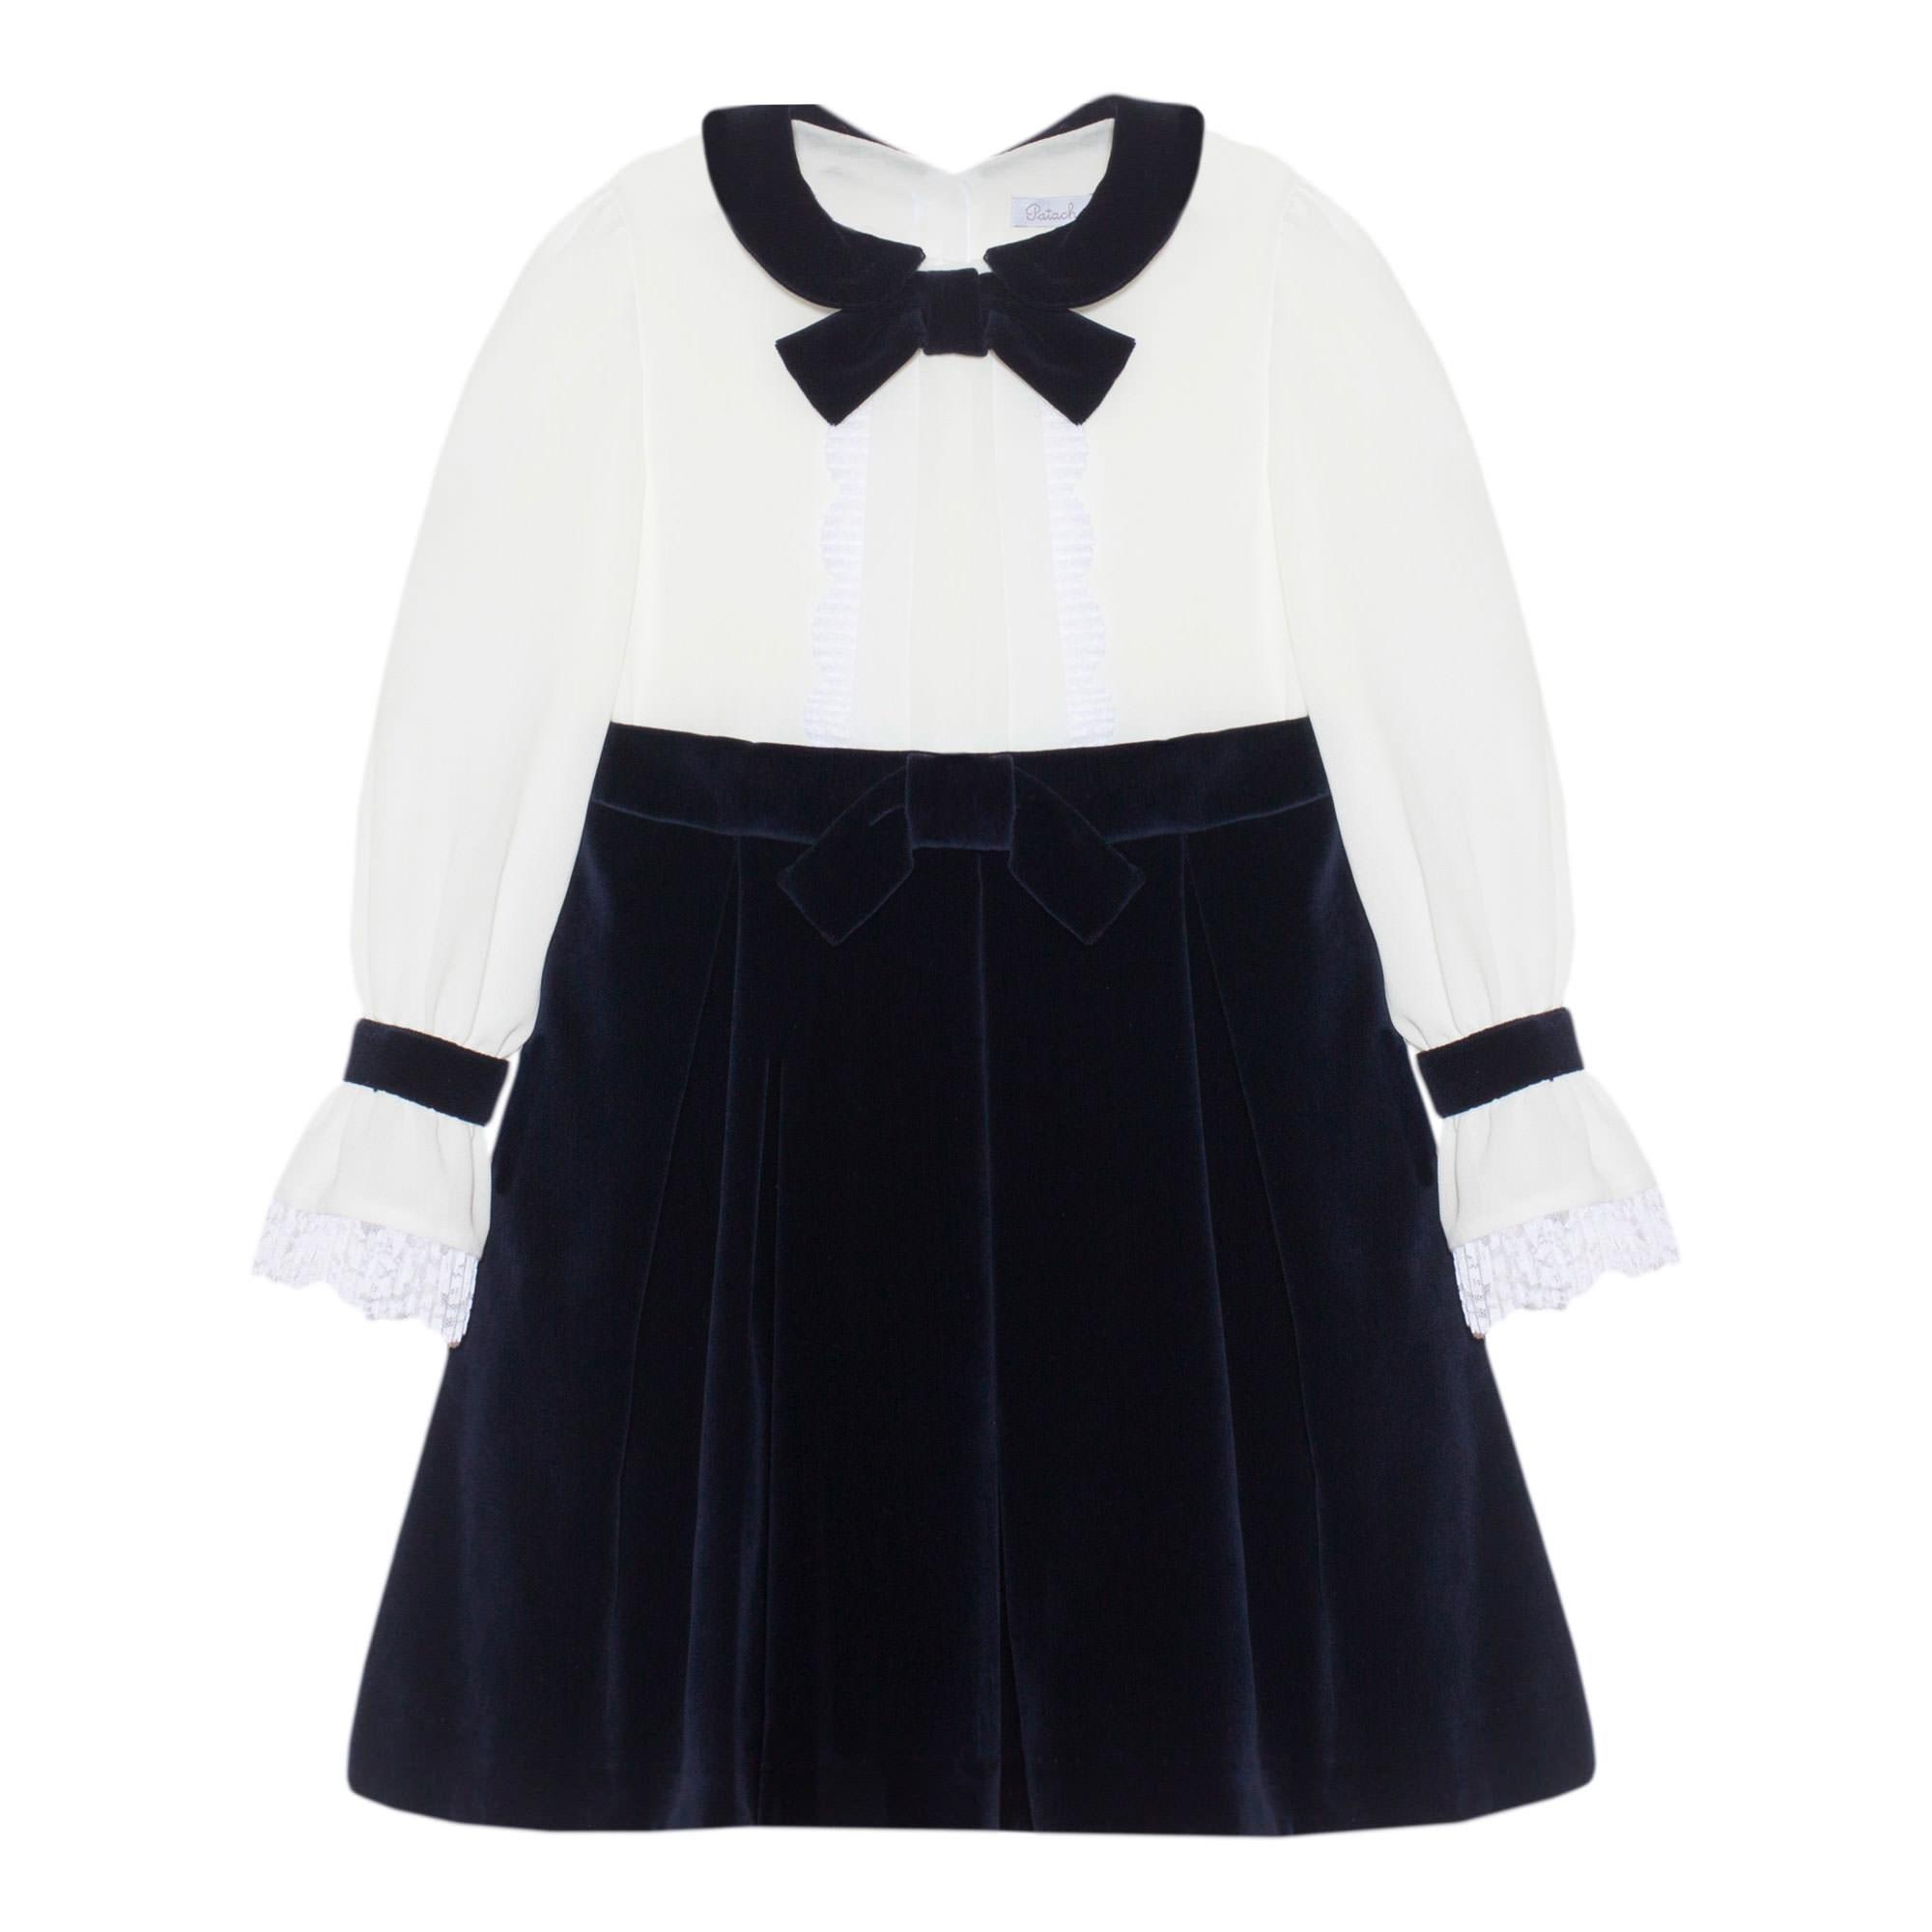 Blouse Top Velvet Dress